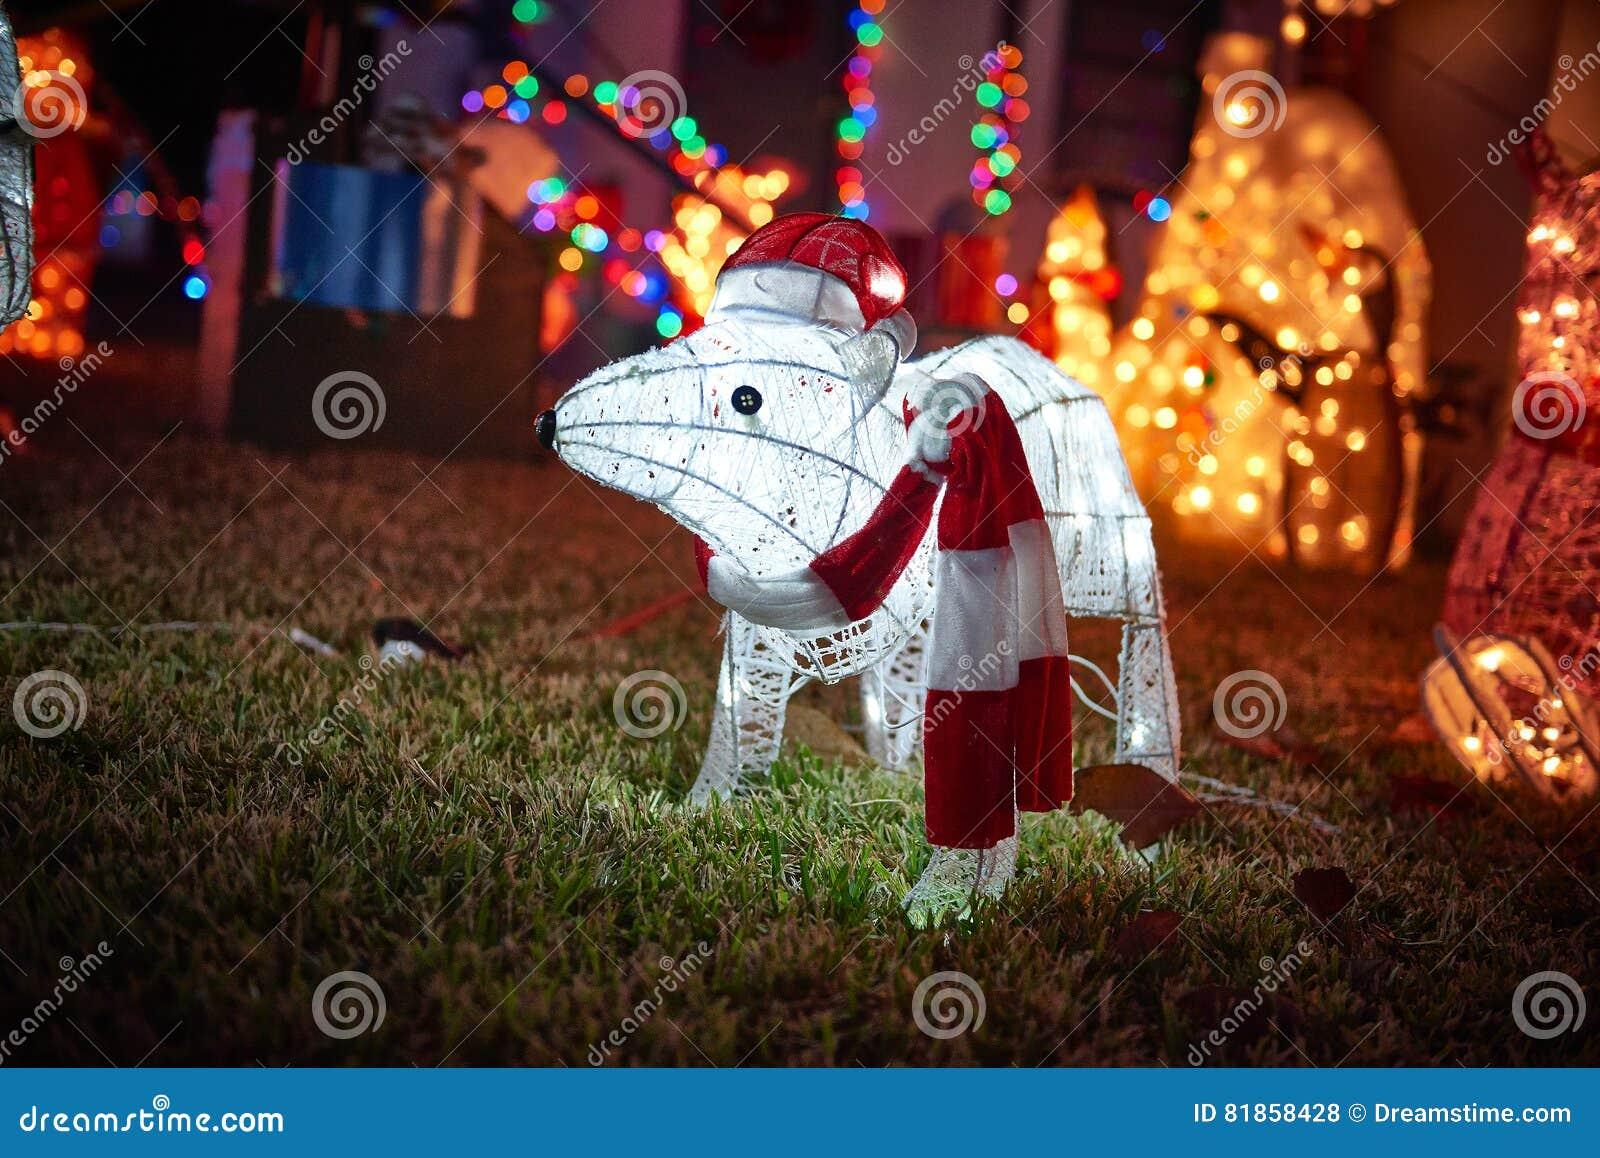 Merry christmas lights animals